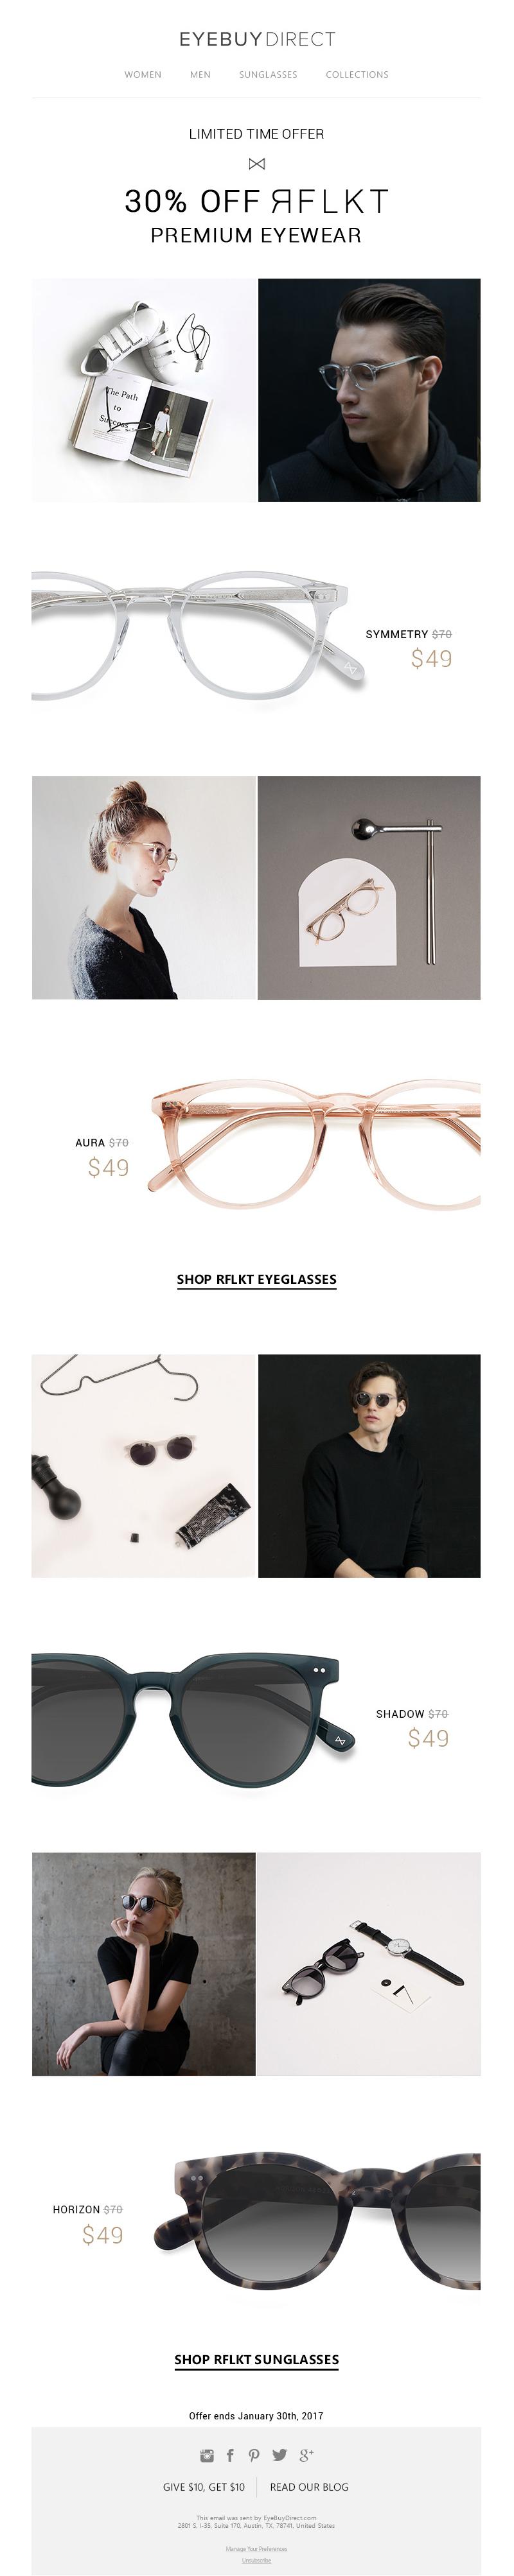 RFLKT Premium Eyewear Sale